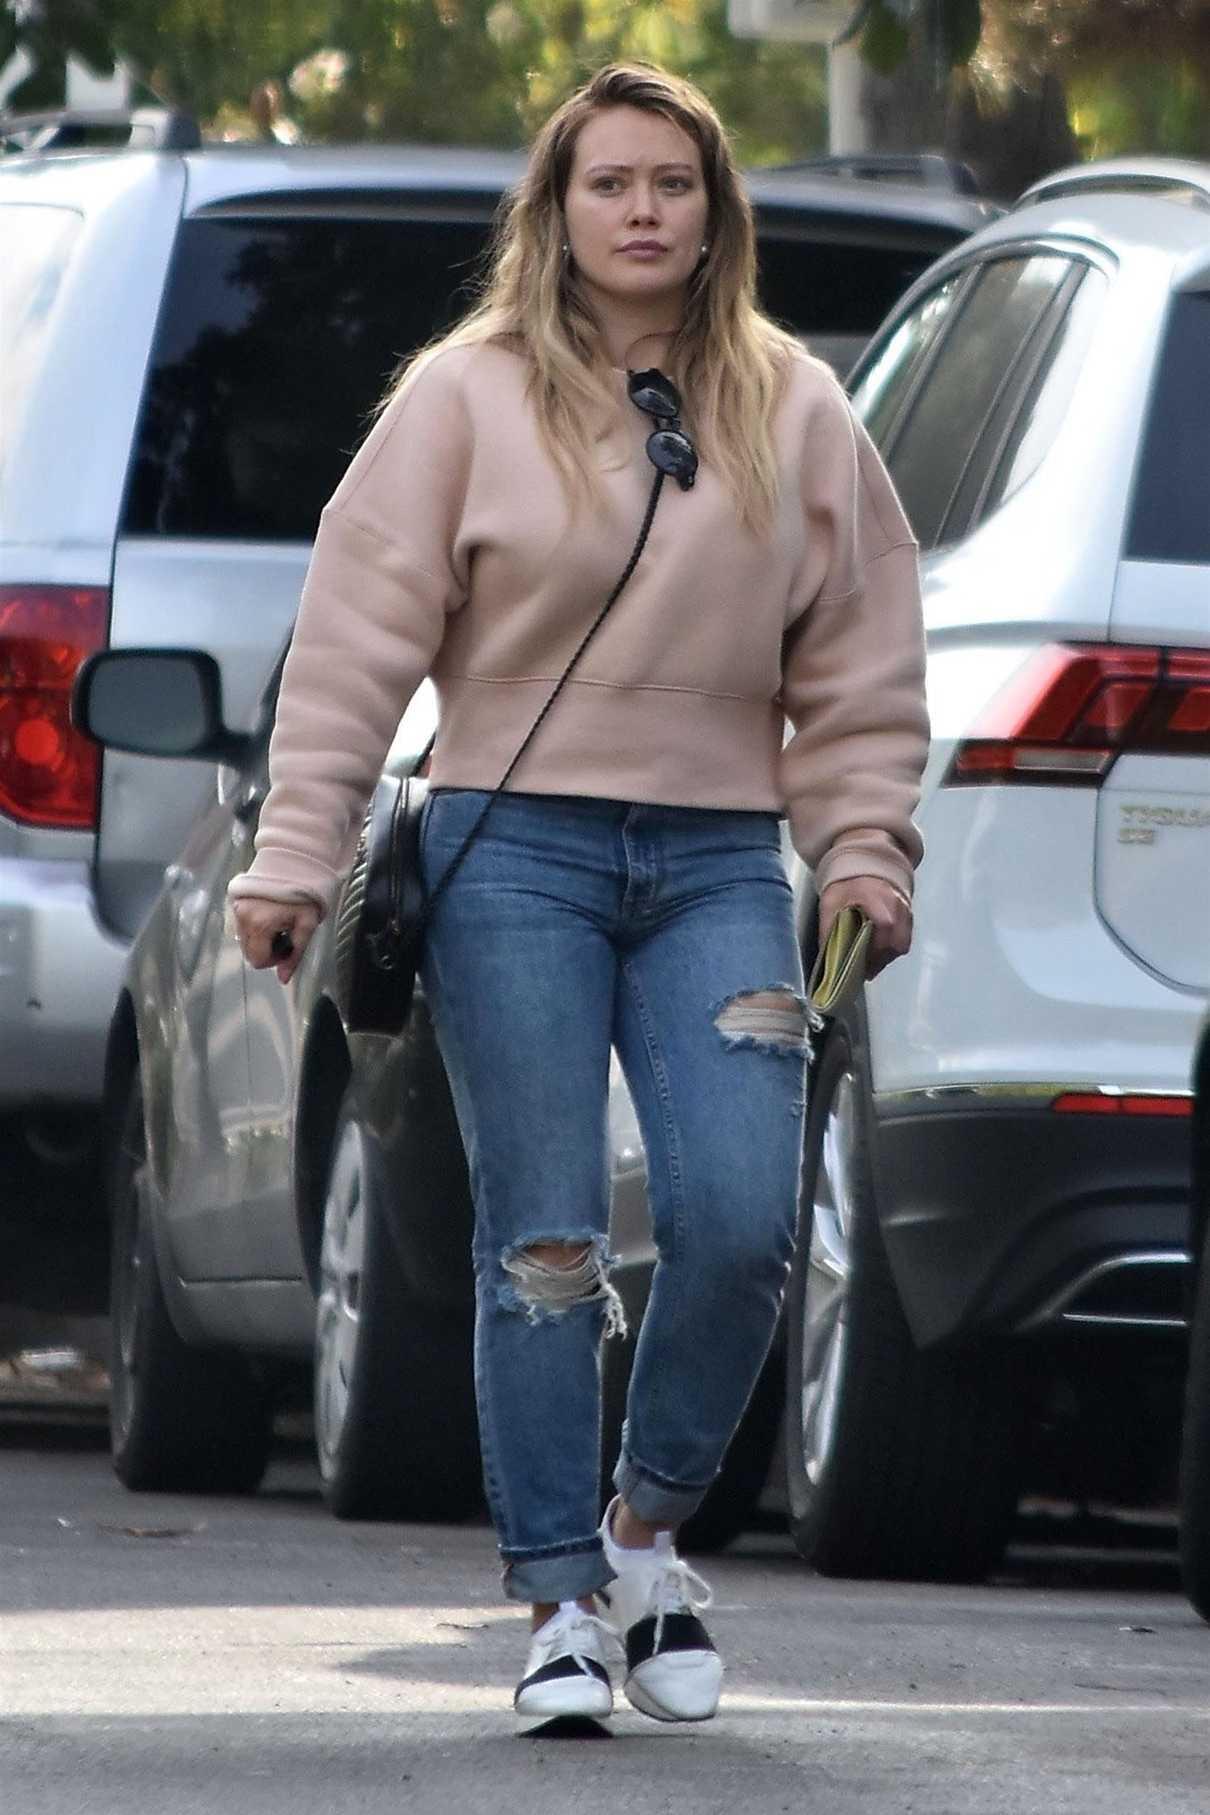 Hilary Duff in a Beige Sweatshirt